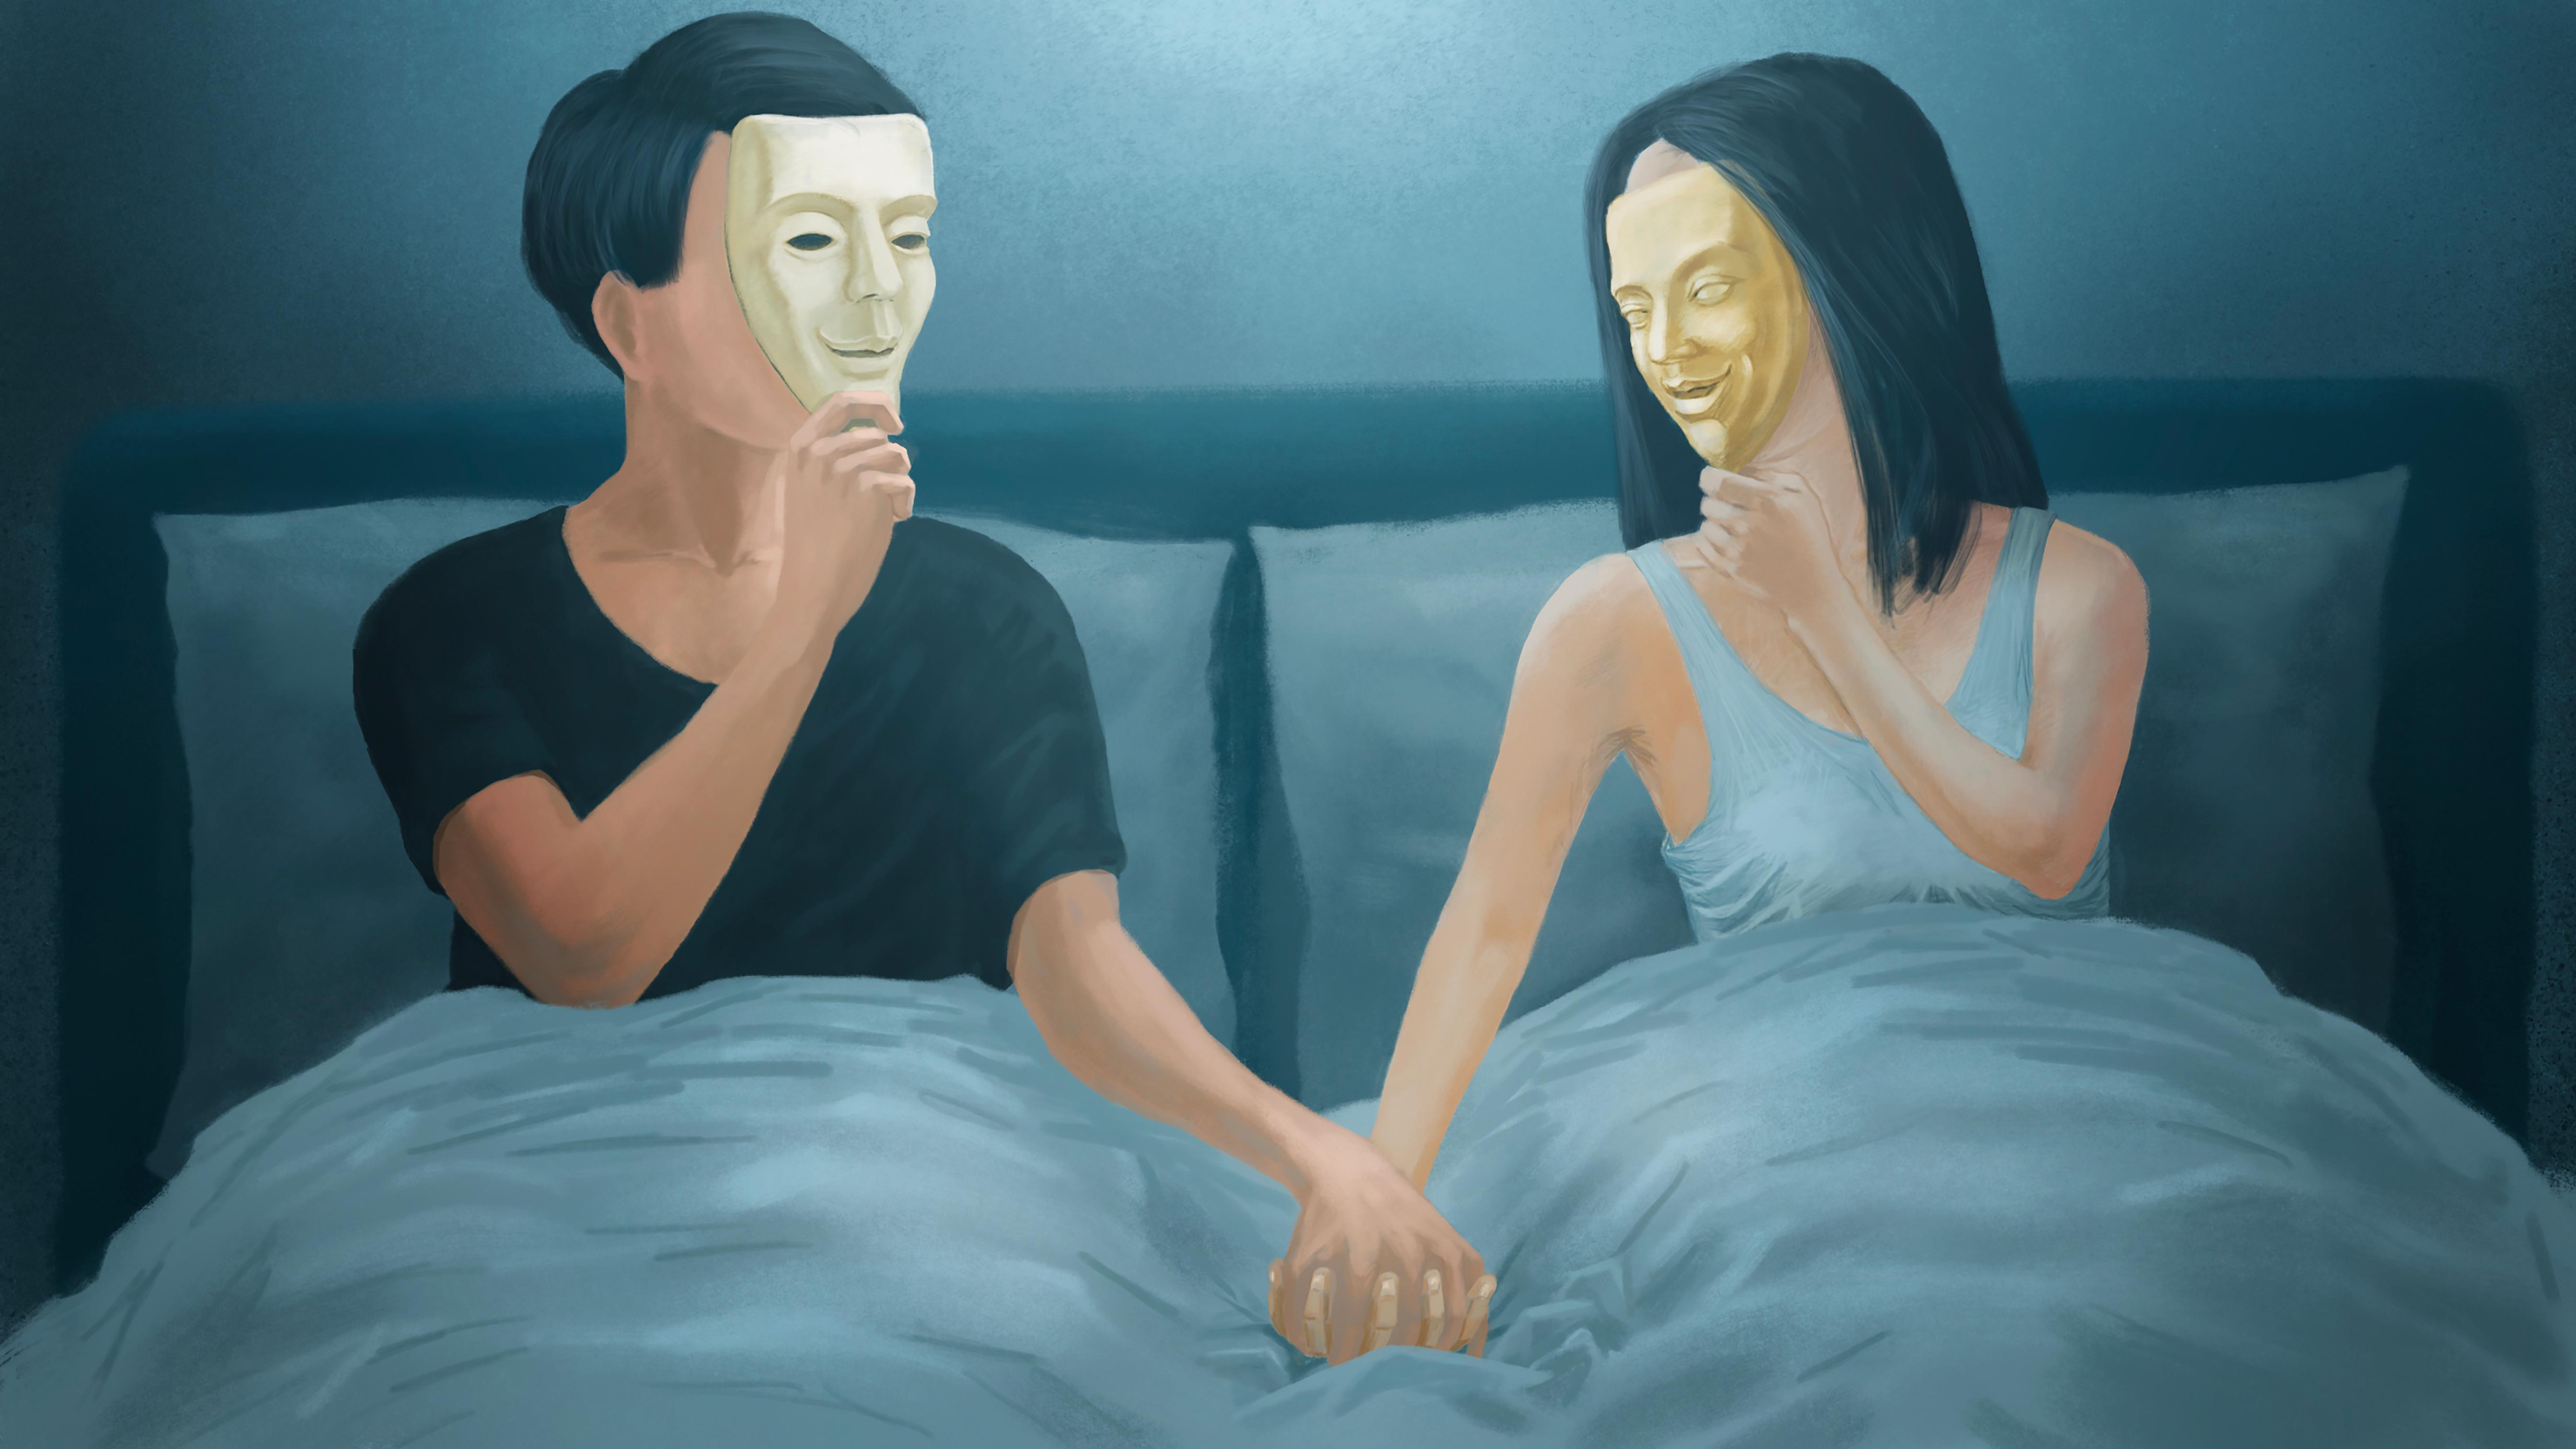 知っておくべき仮面夫婦の実態。迎える結末とその対策   探偵の窓口